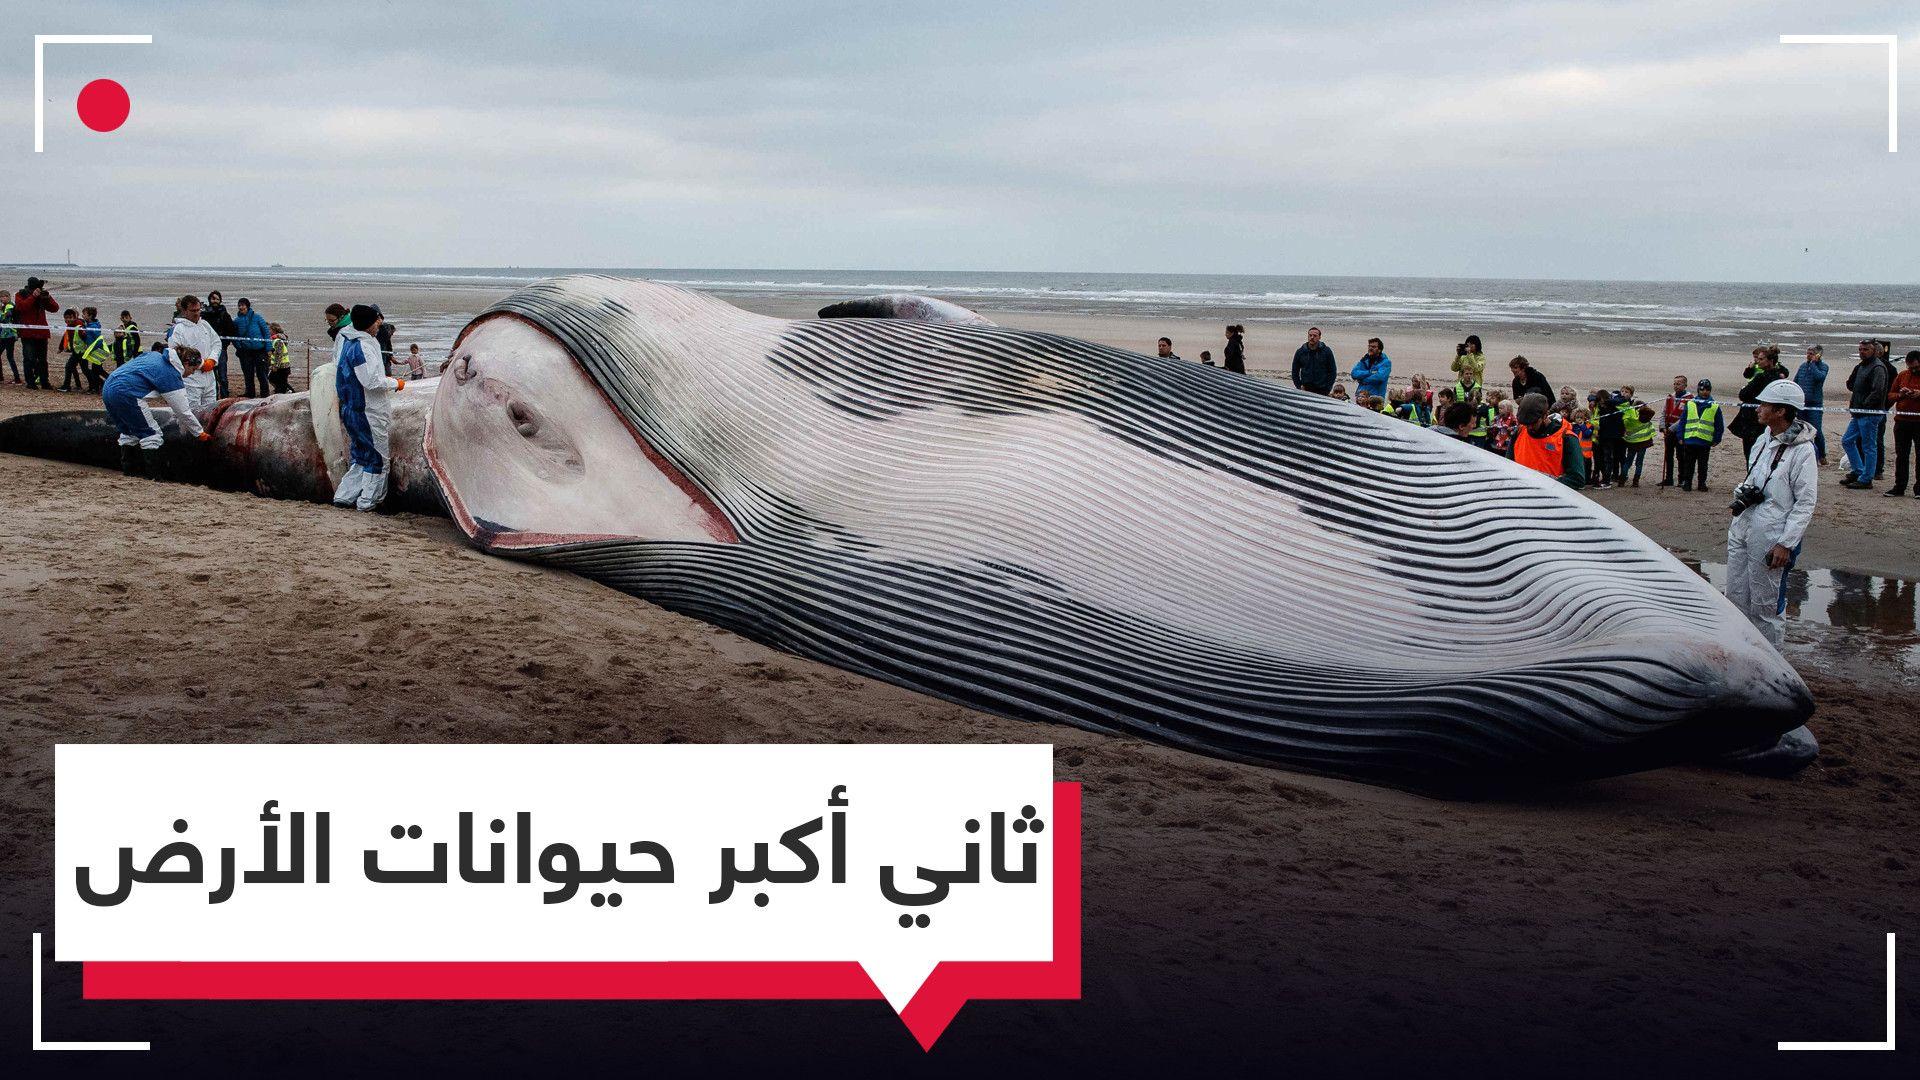 لقطات نادرة لتفريغ بطن حوت الزعنفة الظهرية ثاني أكبر حيوان على سطح الأرض Ili Fish